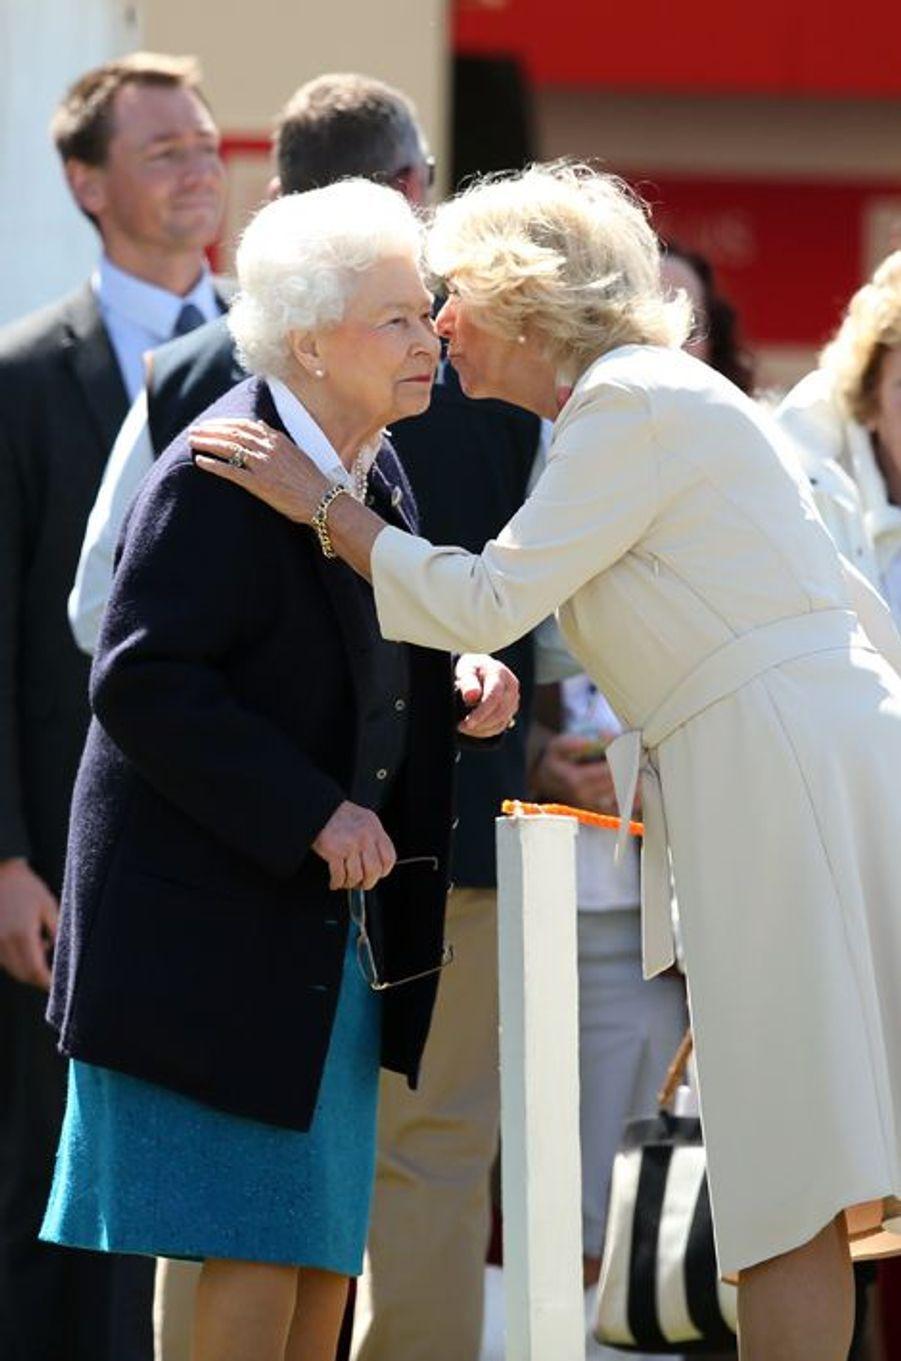 La reine Elizabeth II avec la duchesse de Cornouailles Camilla au Royal Windsor Horse Show, le 13 mai 2015